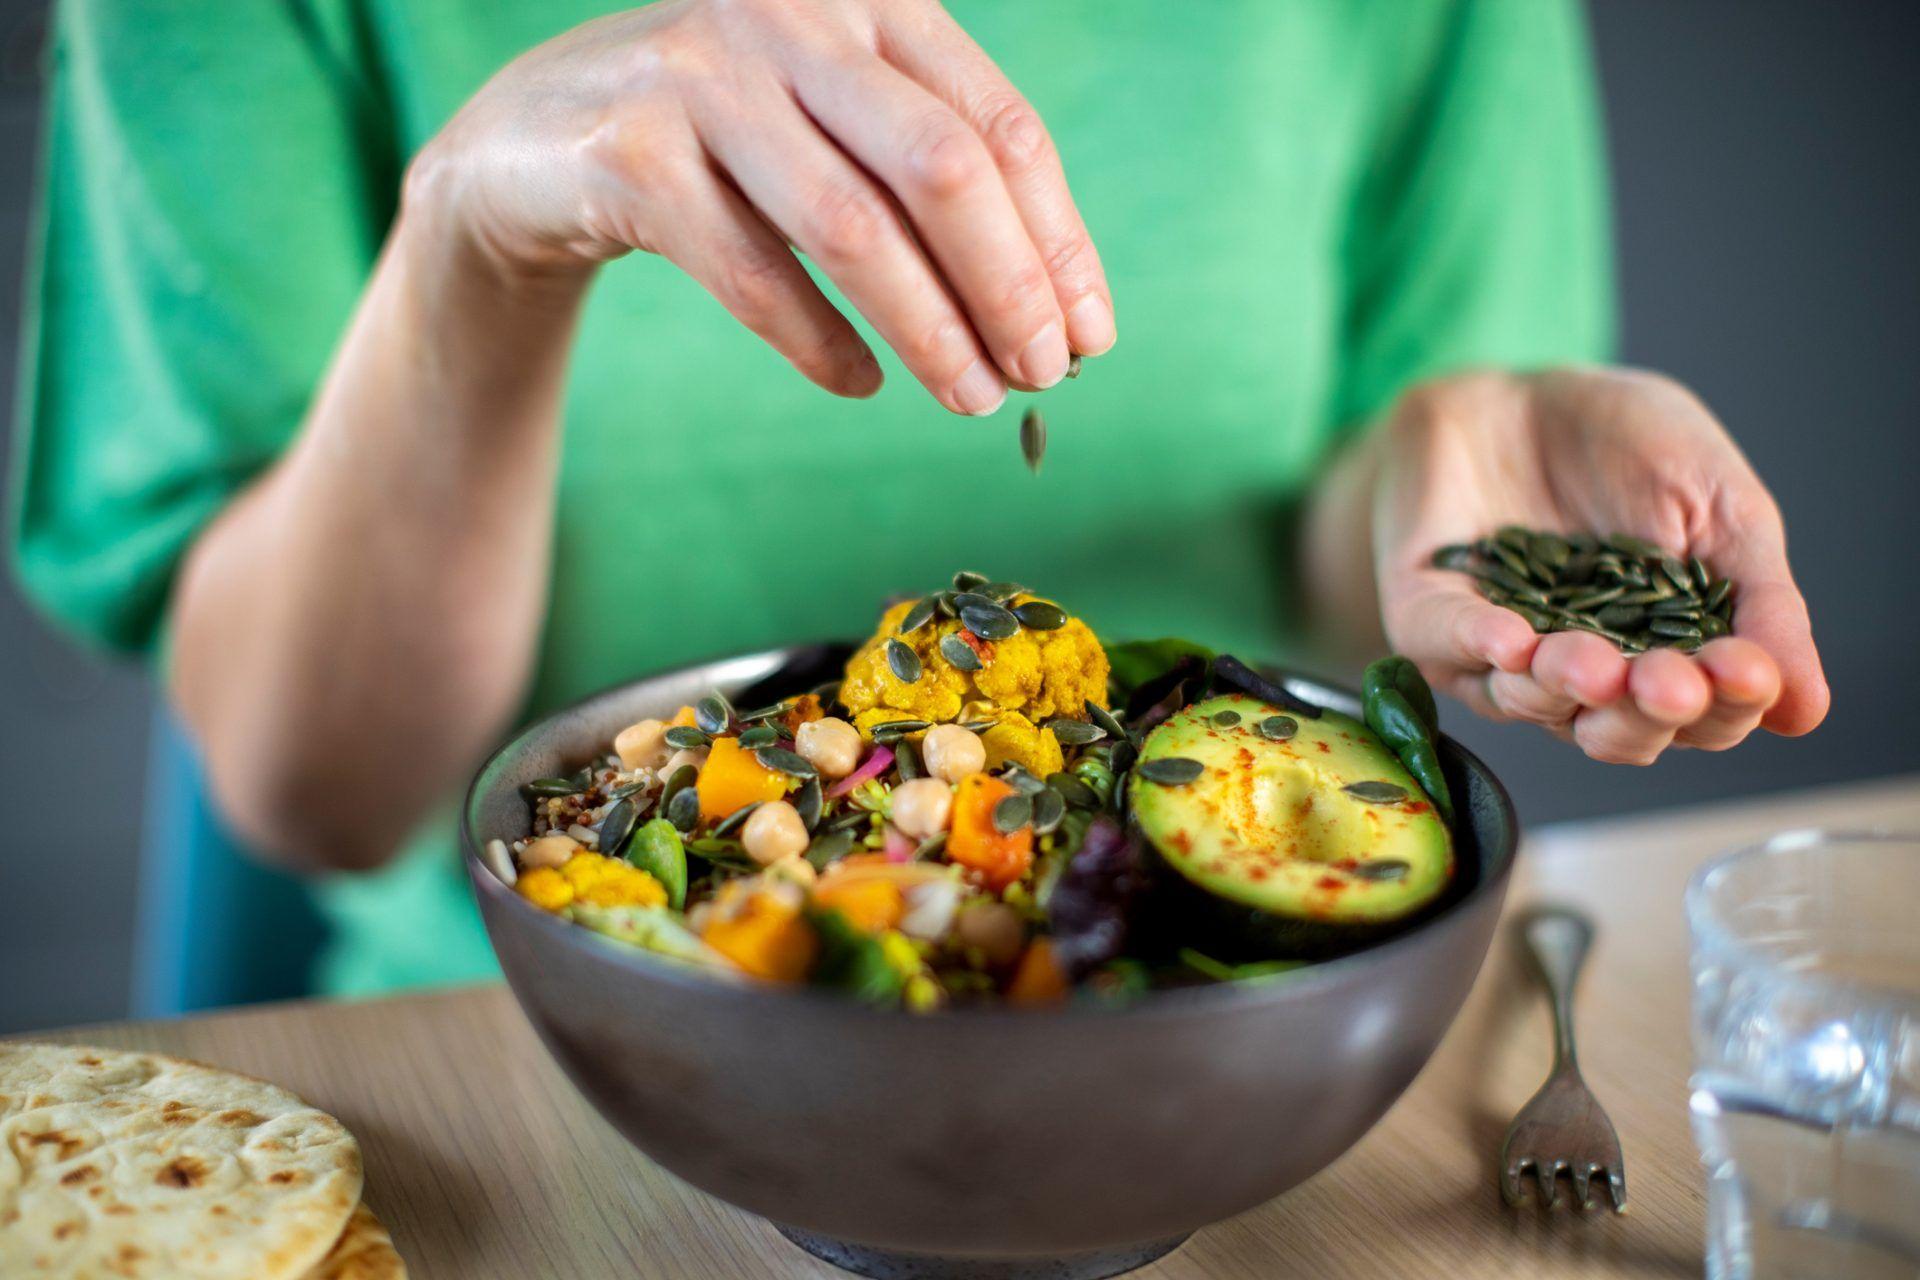 Clasificación de alimentos: el secreto de una dieta saludable